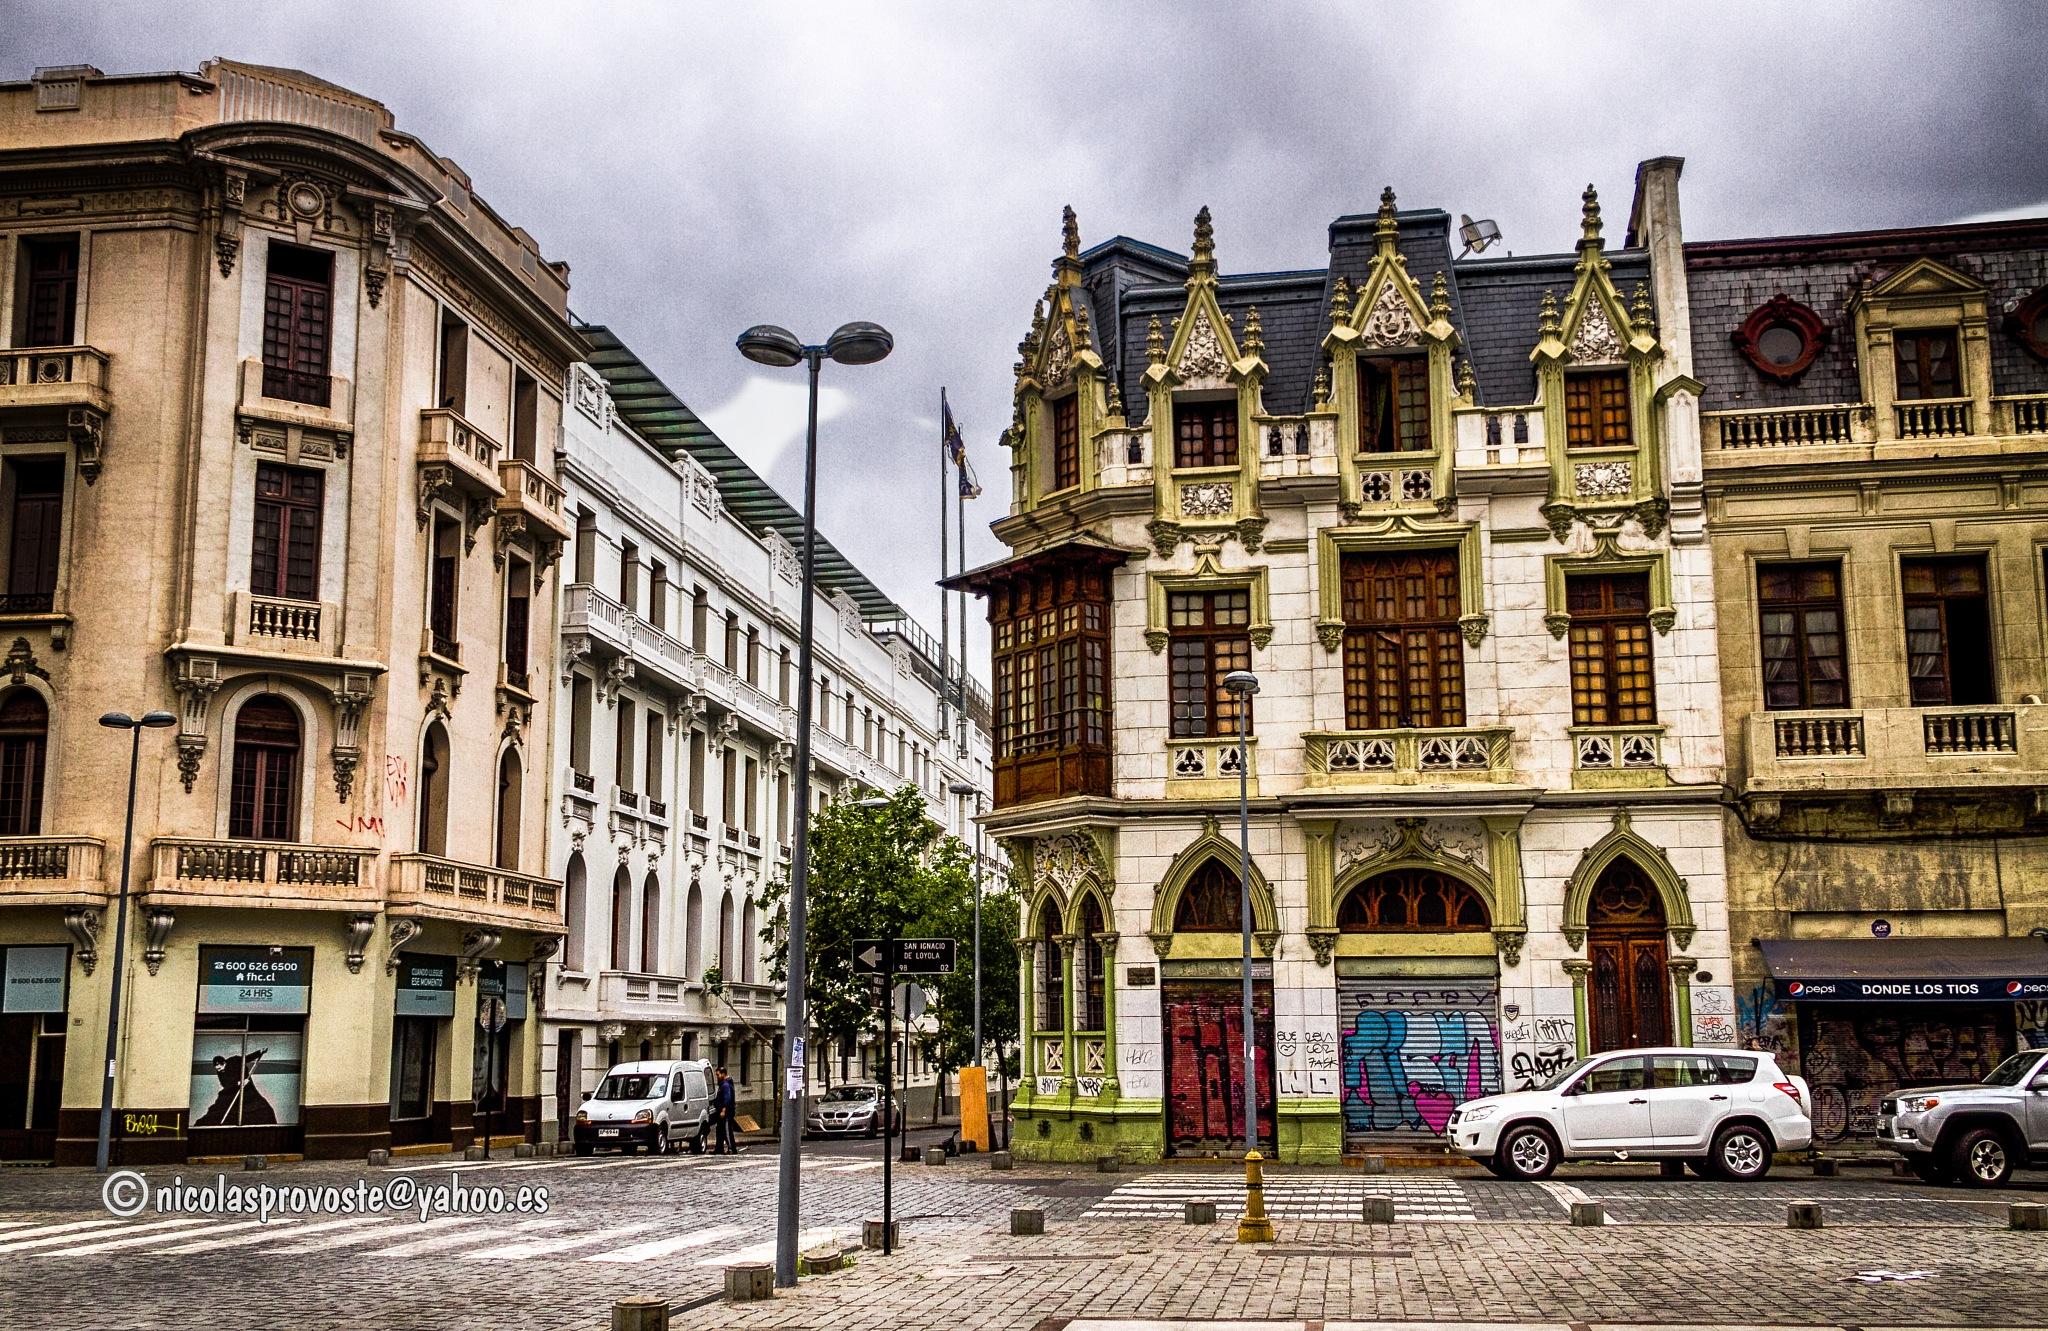 Calle San Ignacio, Santiago de Chile by nicolasprovoste